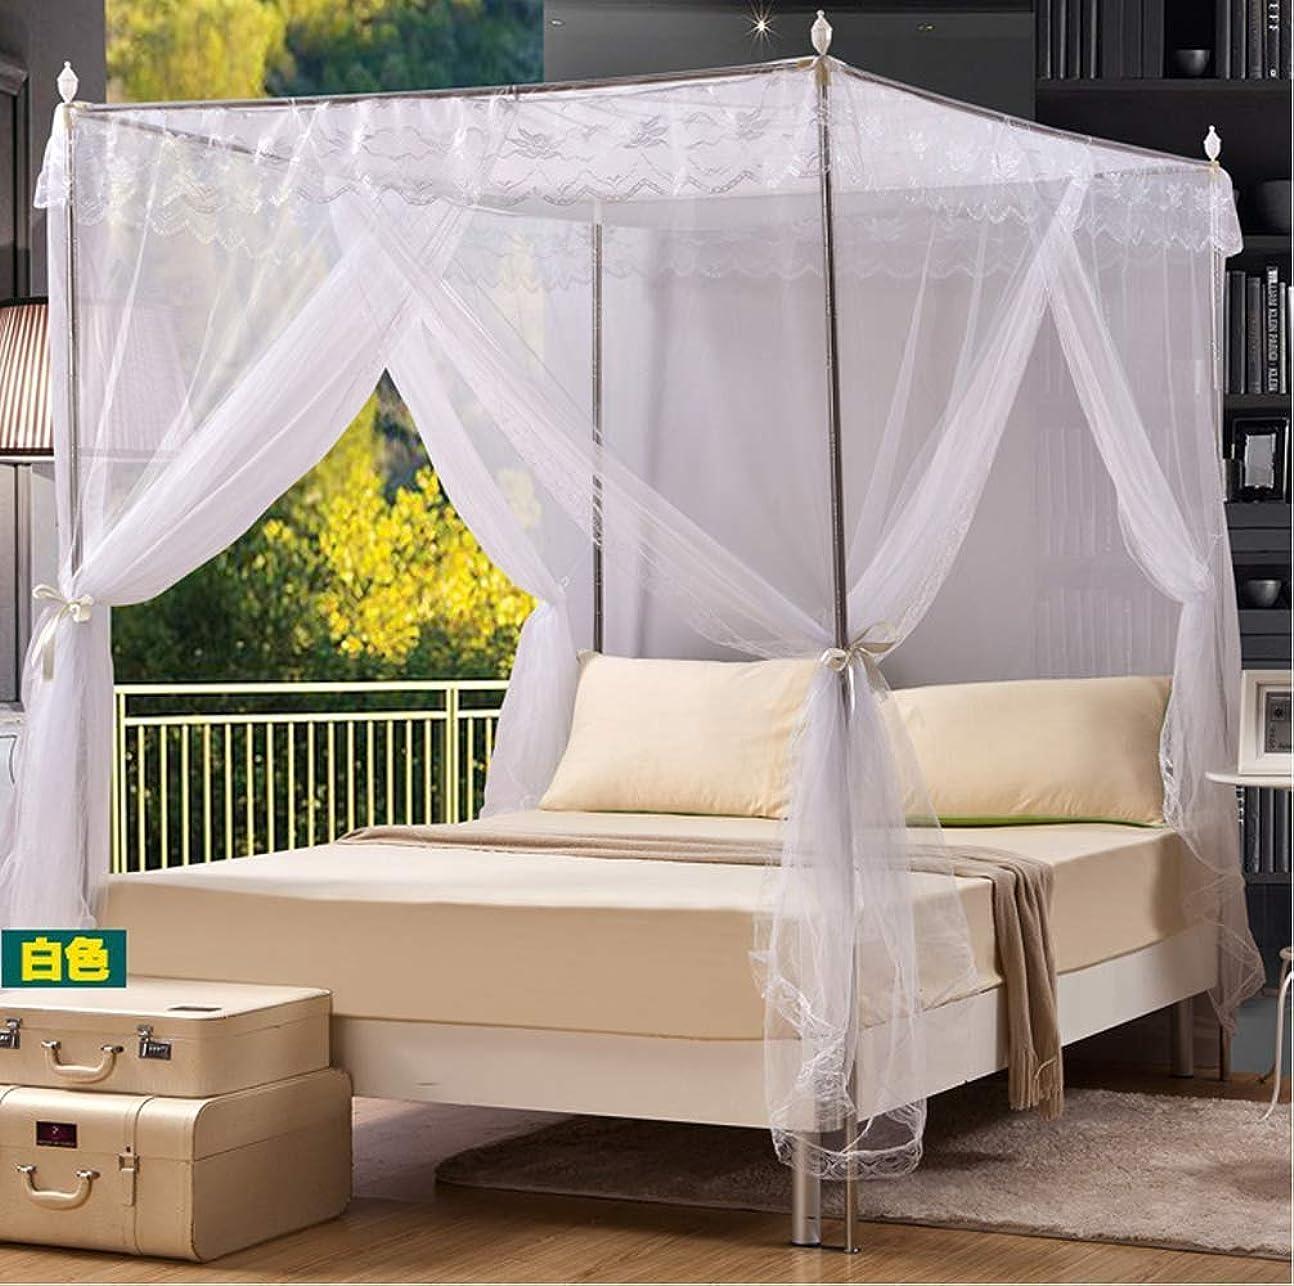 価値のない無駄に民兵スクリーンドア、蚊帳パレススタイルのテント、ダブルベッドキャノピー、開口部3つ付き蚊帳スクエアトップ、高さ2メートル